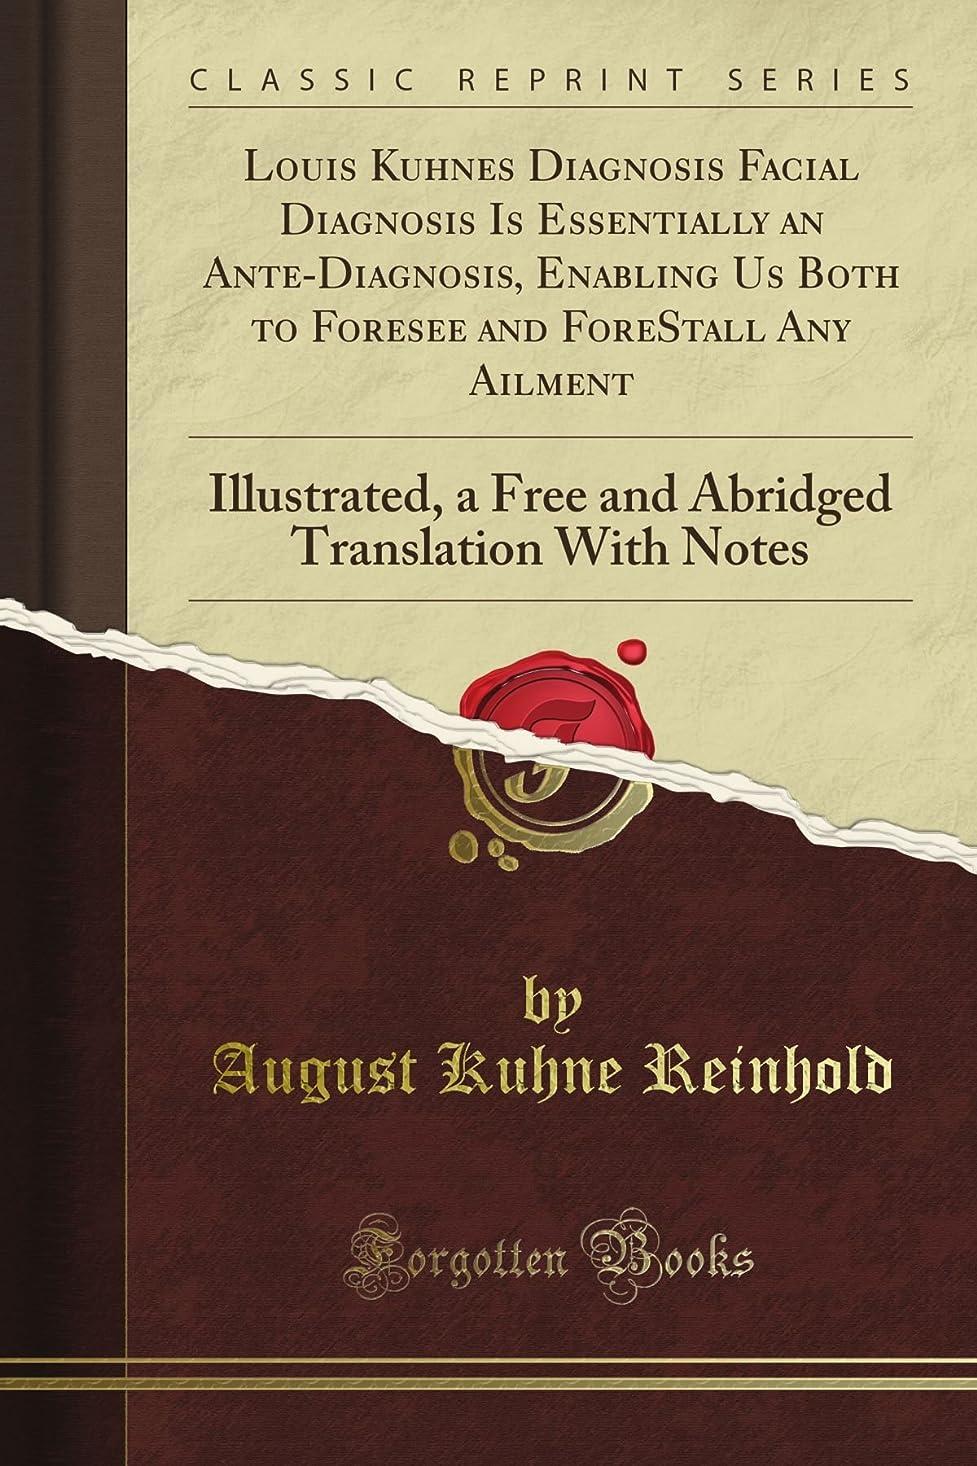 晩ごはん協力国民Louis Kuhne's Diagnosis Facial Diagnosis Is Essentially an Ante-Diagnosis, Enabling Us Both to Foresee and ForeStall Any Ailment: Illustrated, a Free and Abridged Translation With Notes (Classic Reprint)